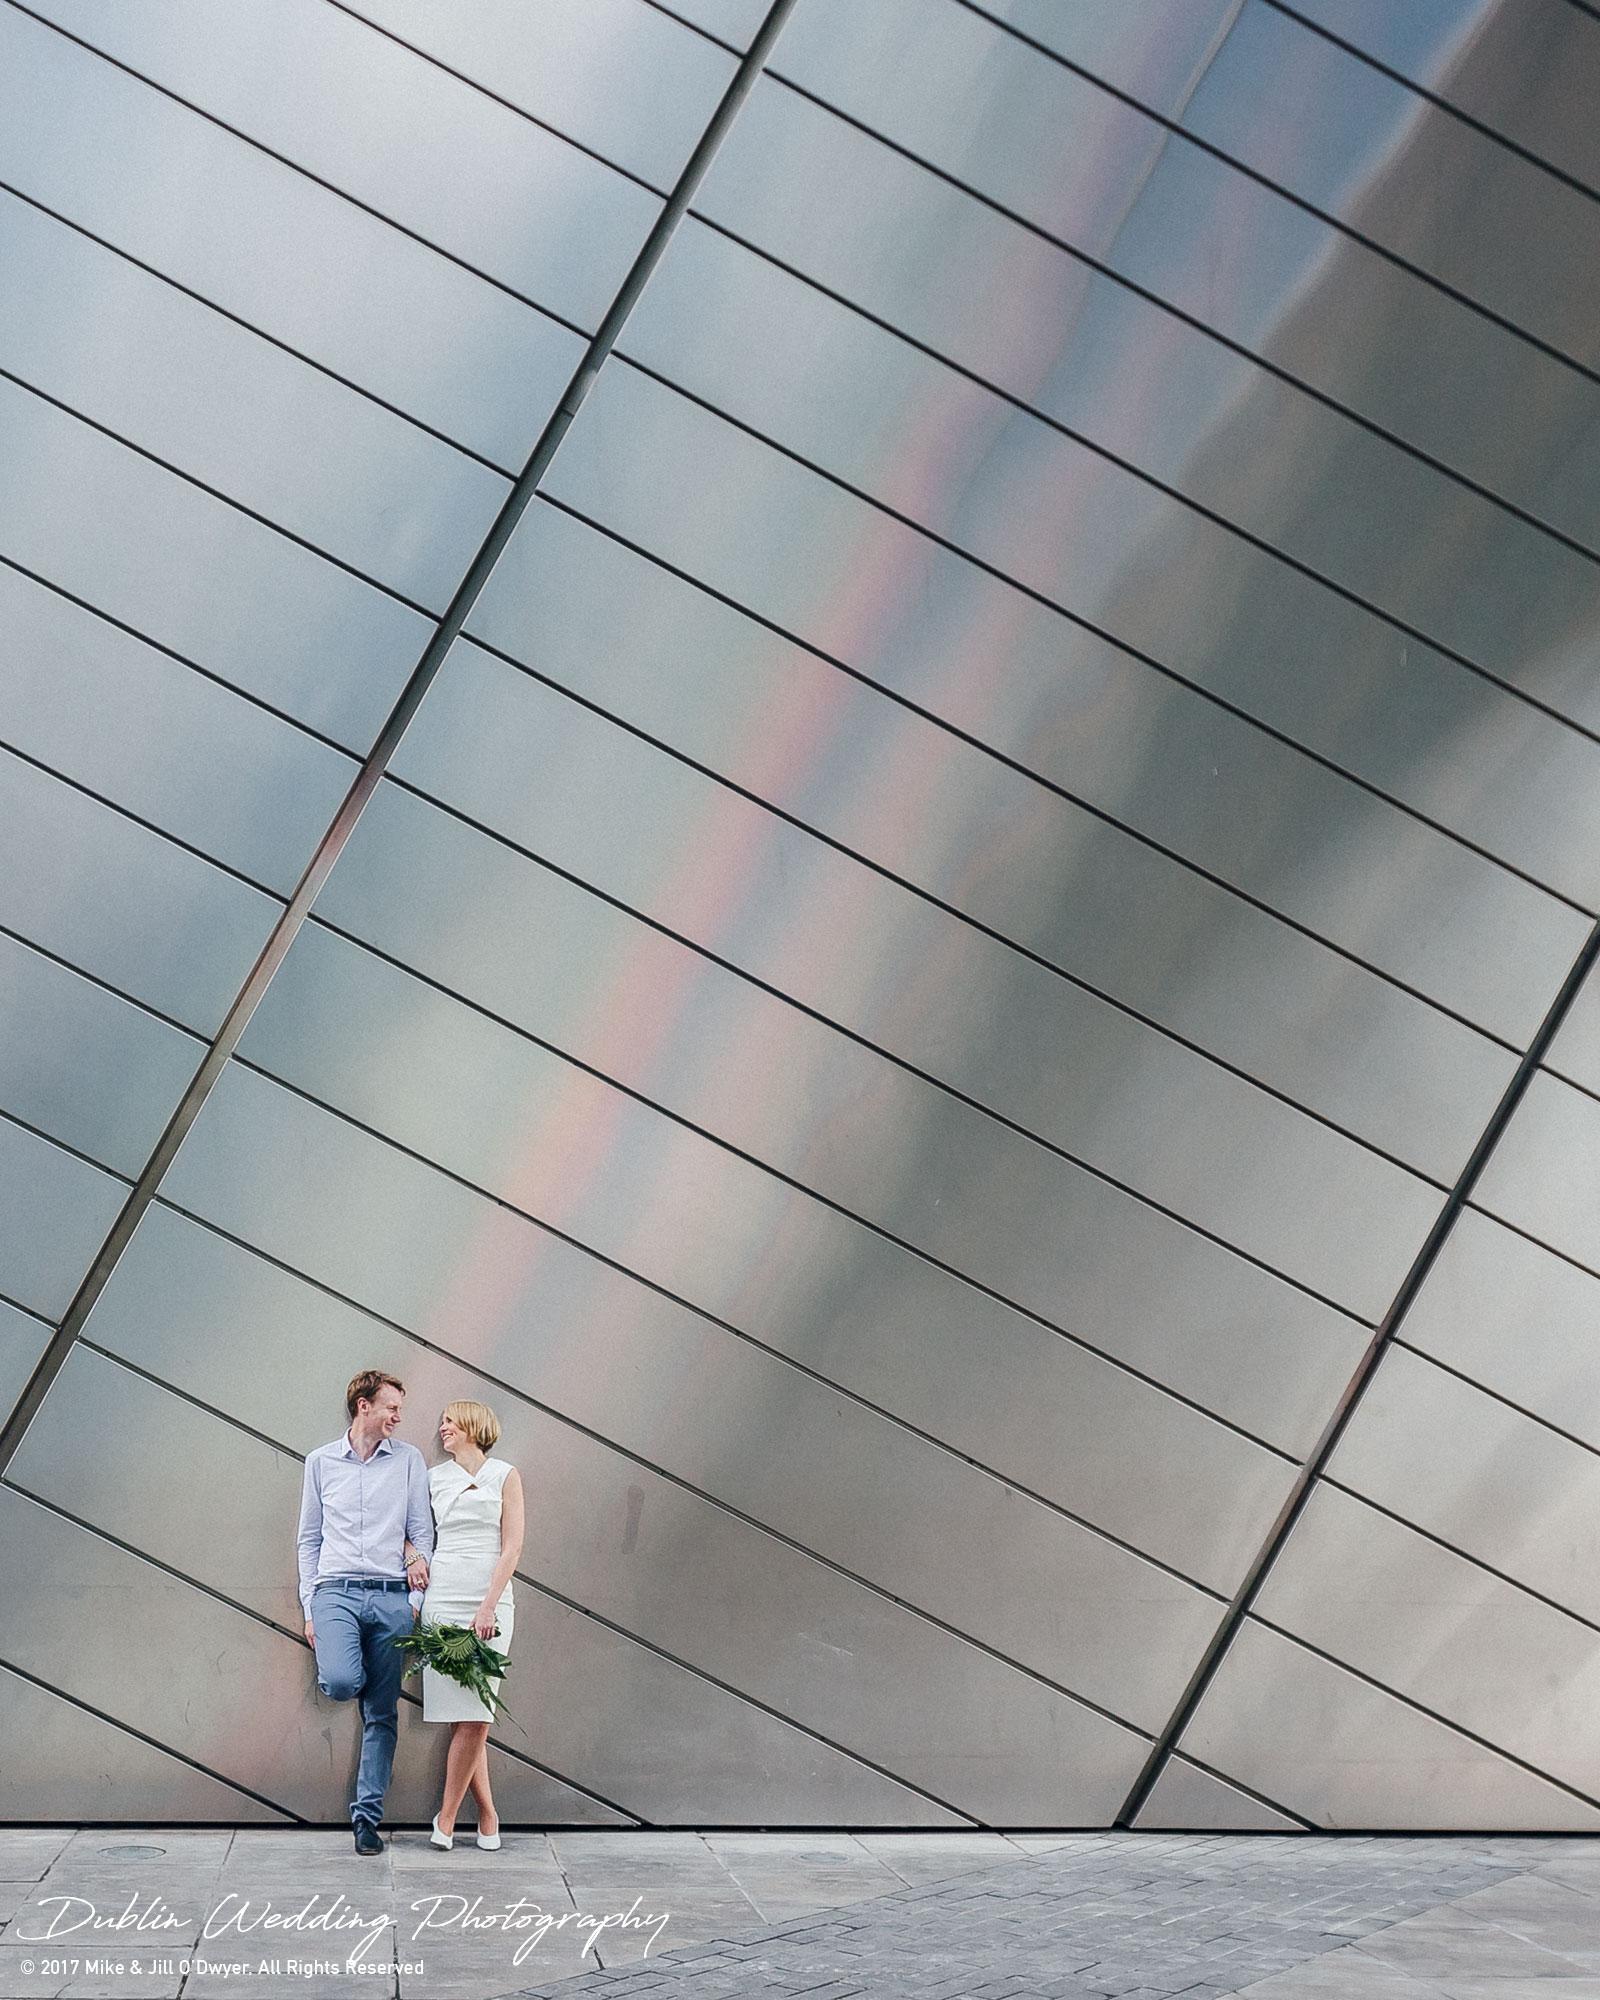 Dublin Wedding Photographer City Streets 093